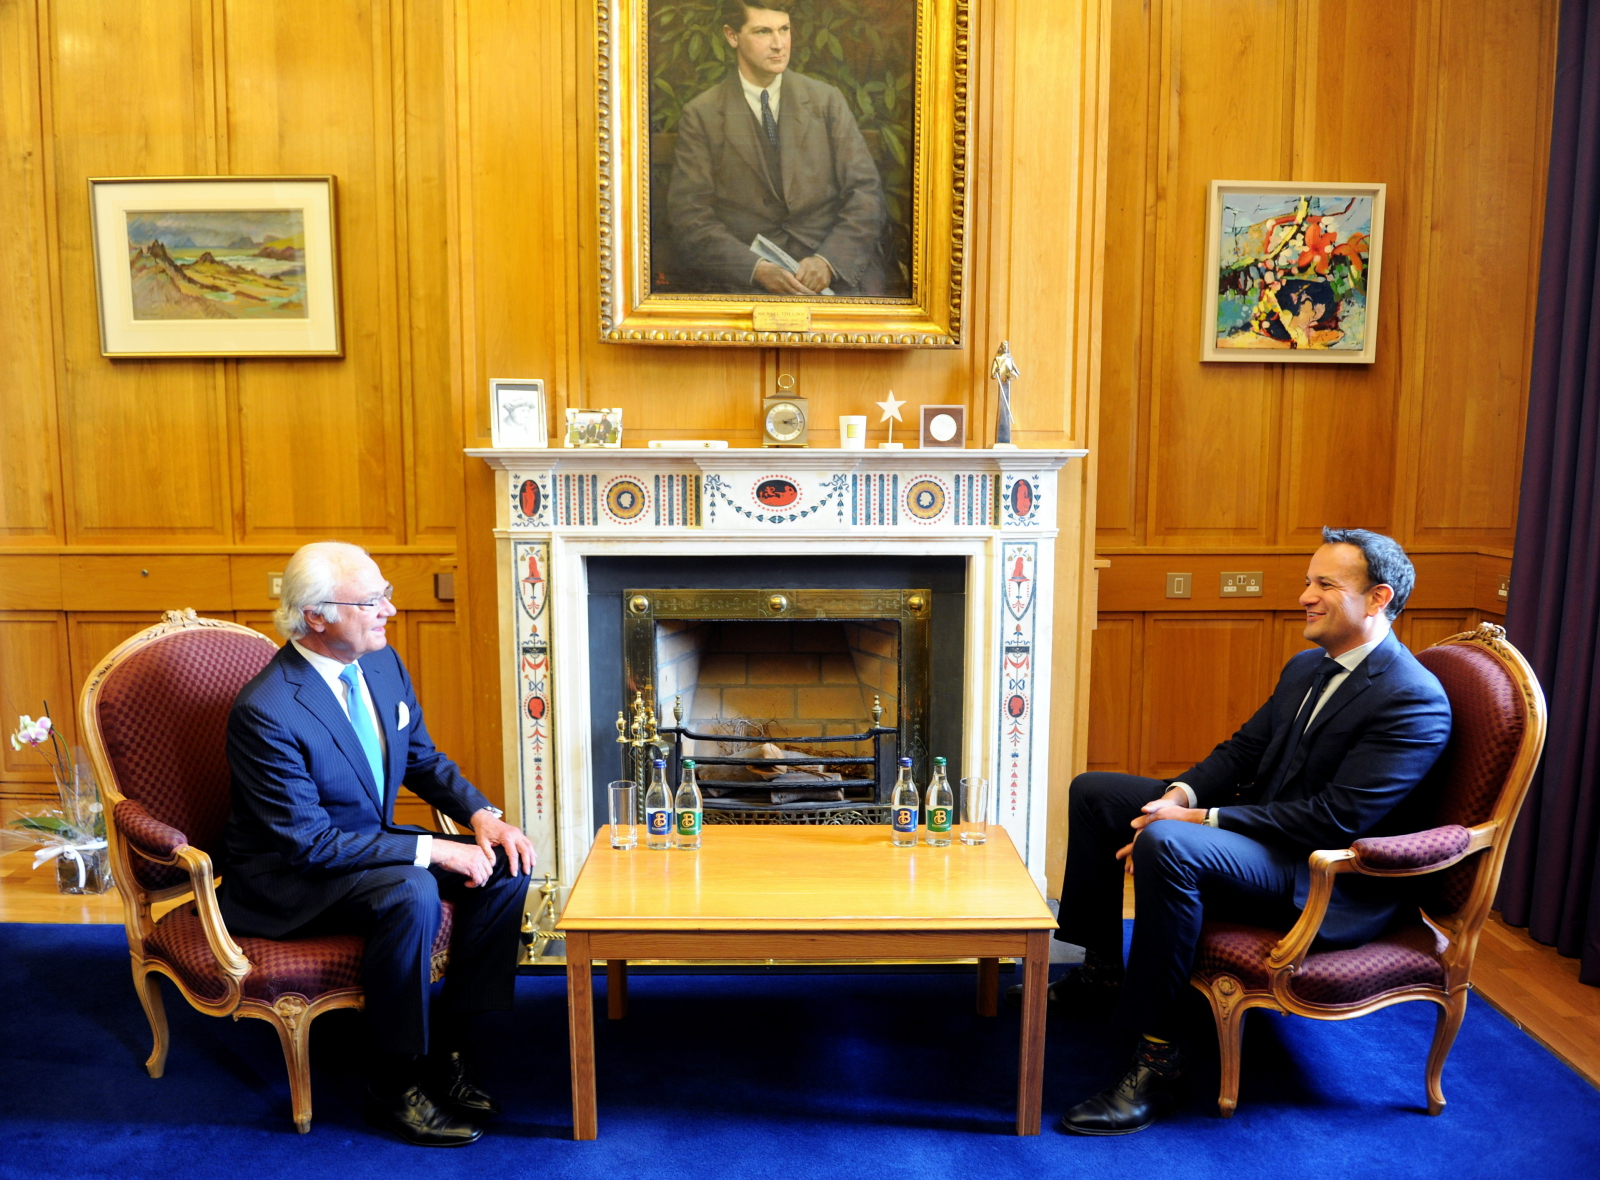 Król Szwecji z wizytą w Irlandii. Fot. PAP/EPA/AIDAN CRAWLEY